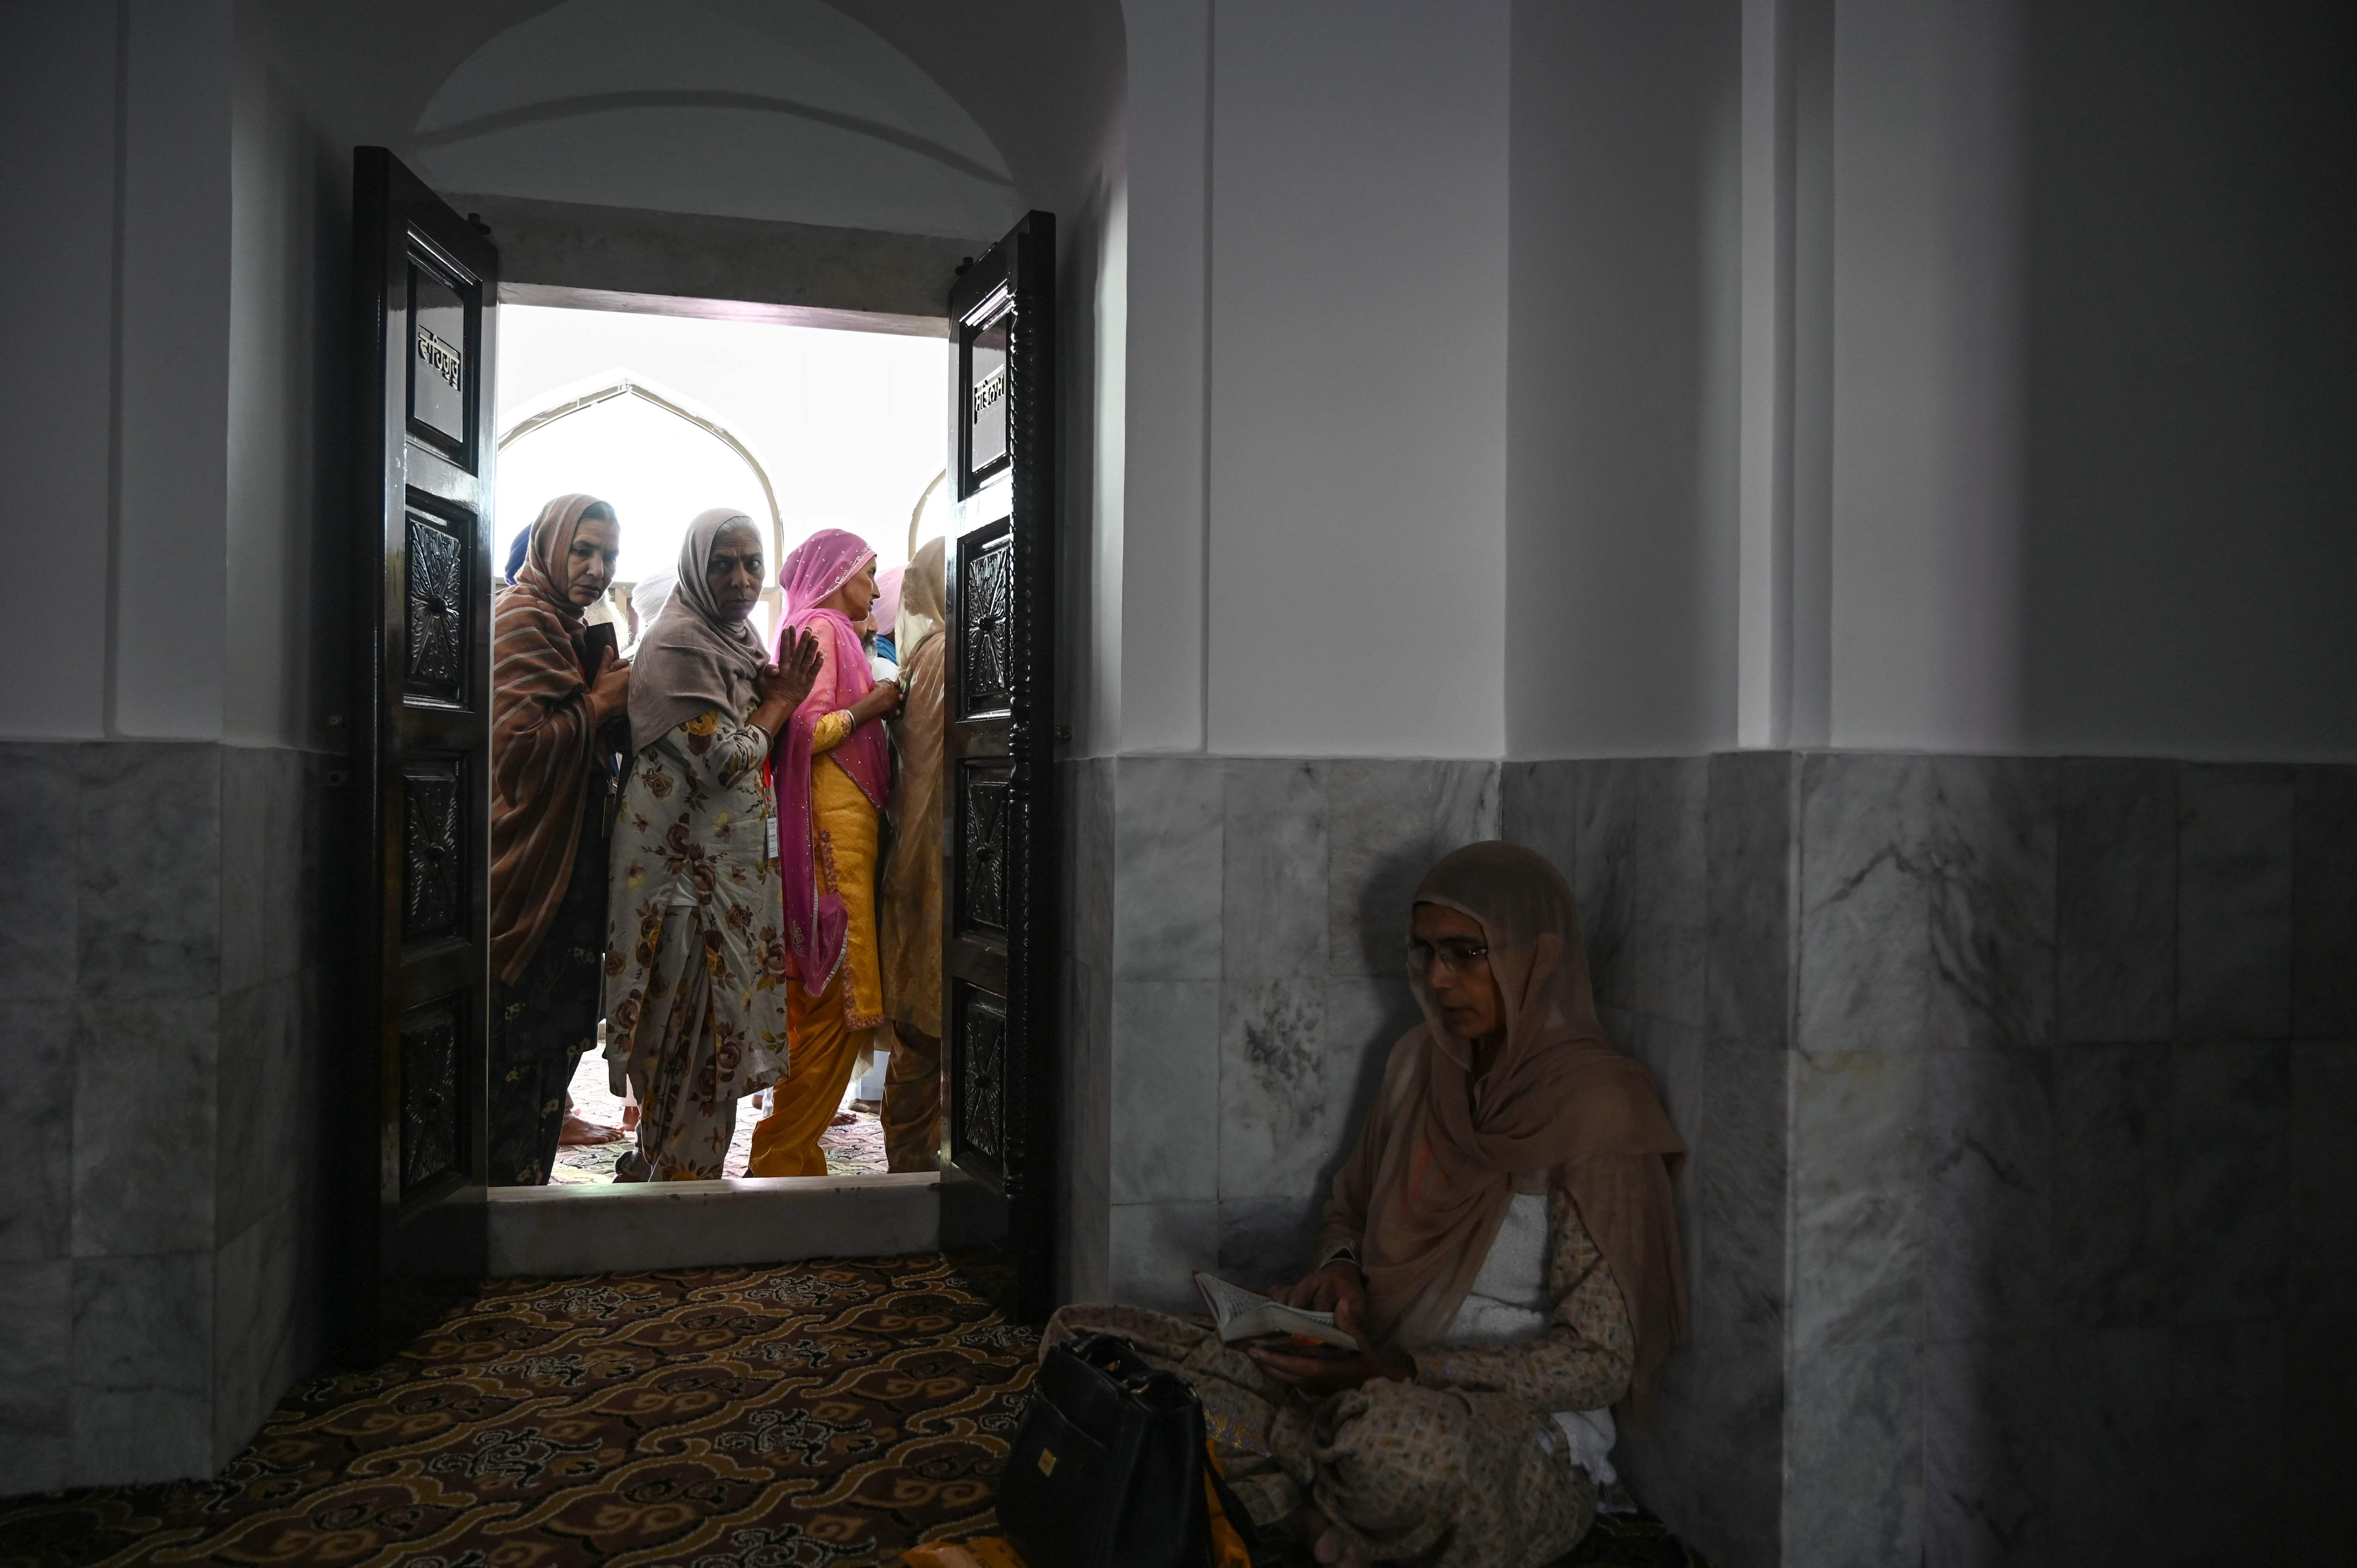 Sikh pilgrims visit the Shrine of Baba Guru Nanak Dev at Gurdwara Darbar Sahib in Kartarpur. Photo: AFP